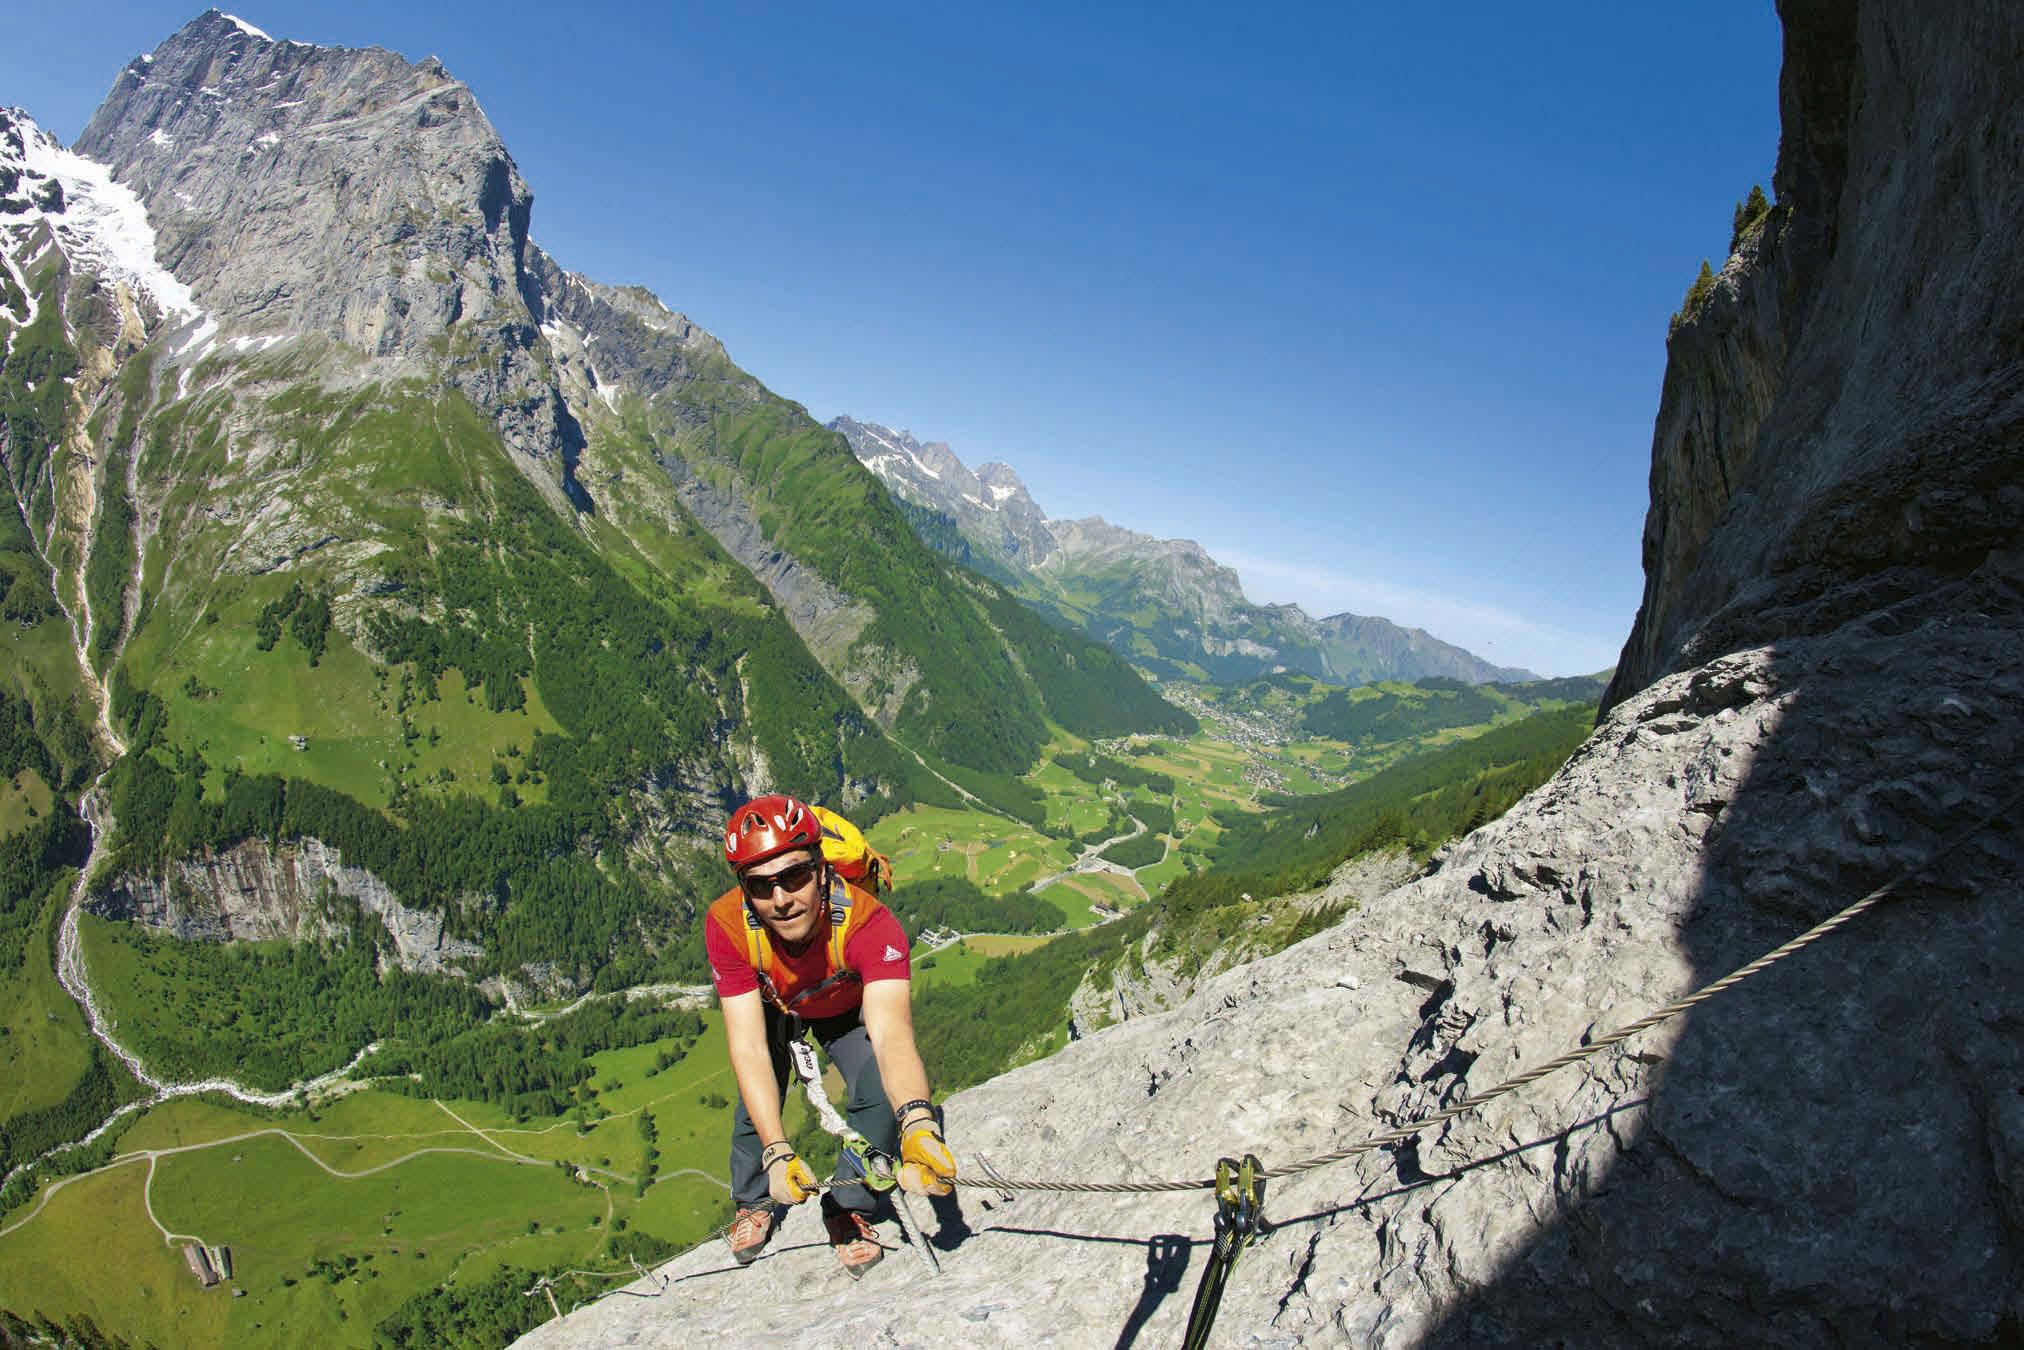 Klettersteig Ferrata : Klettersteig paradies engelberg bergsteiger magazin